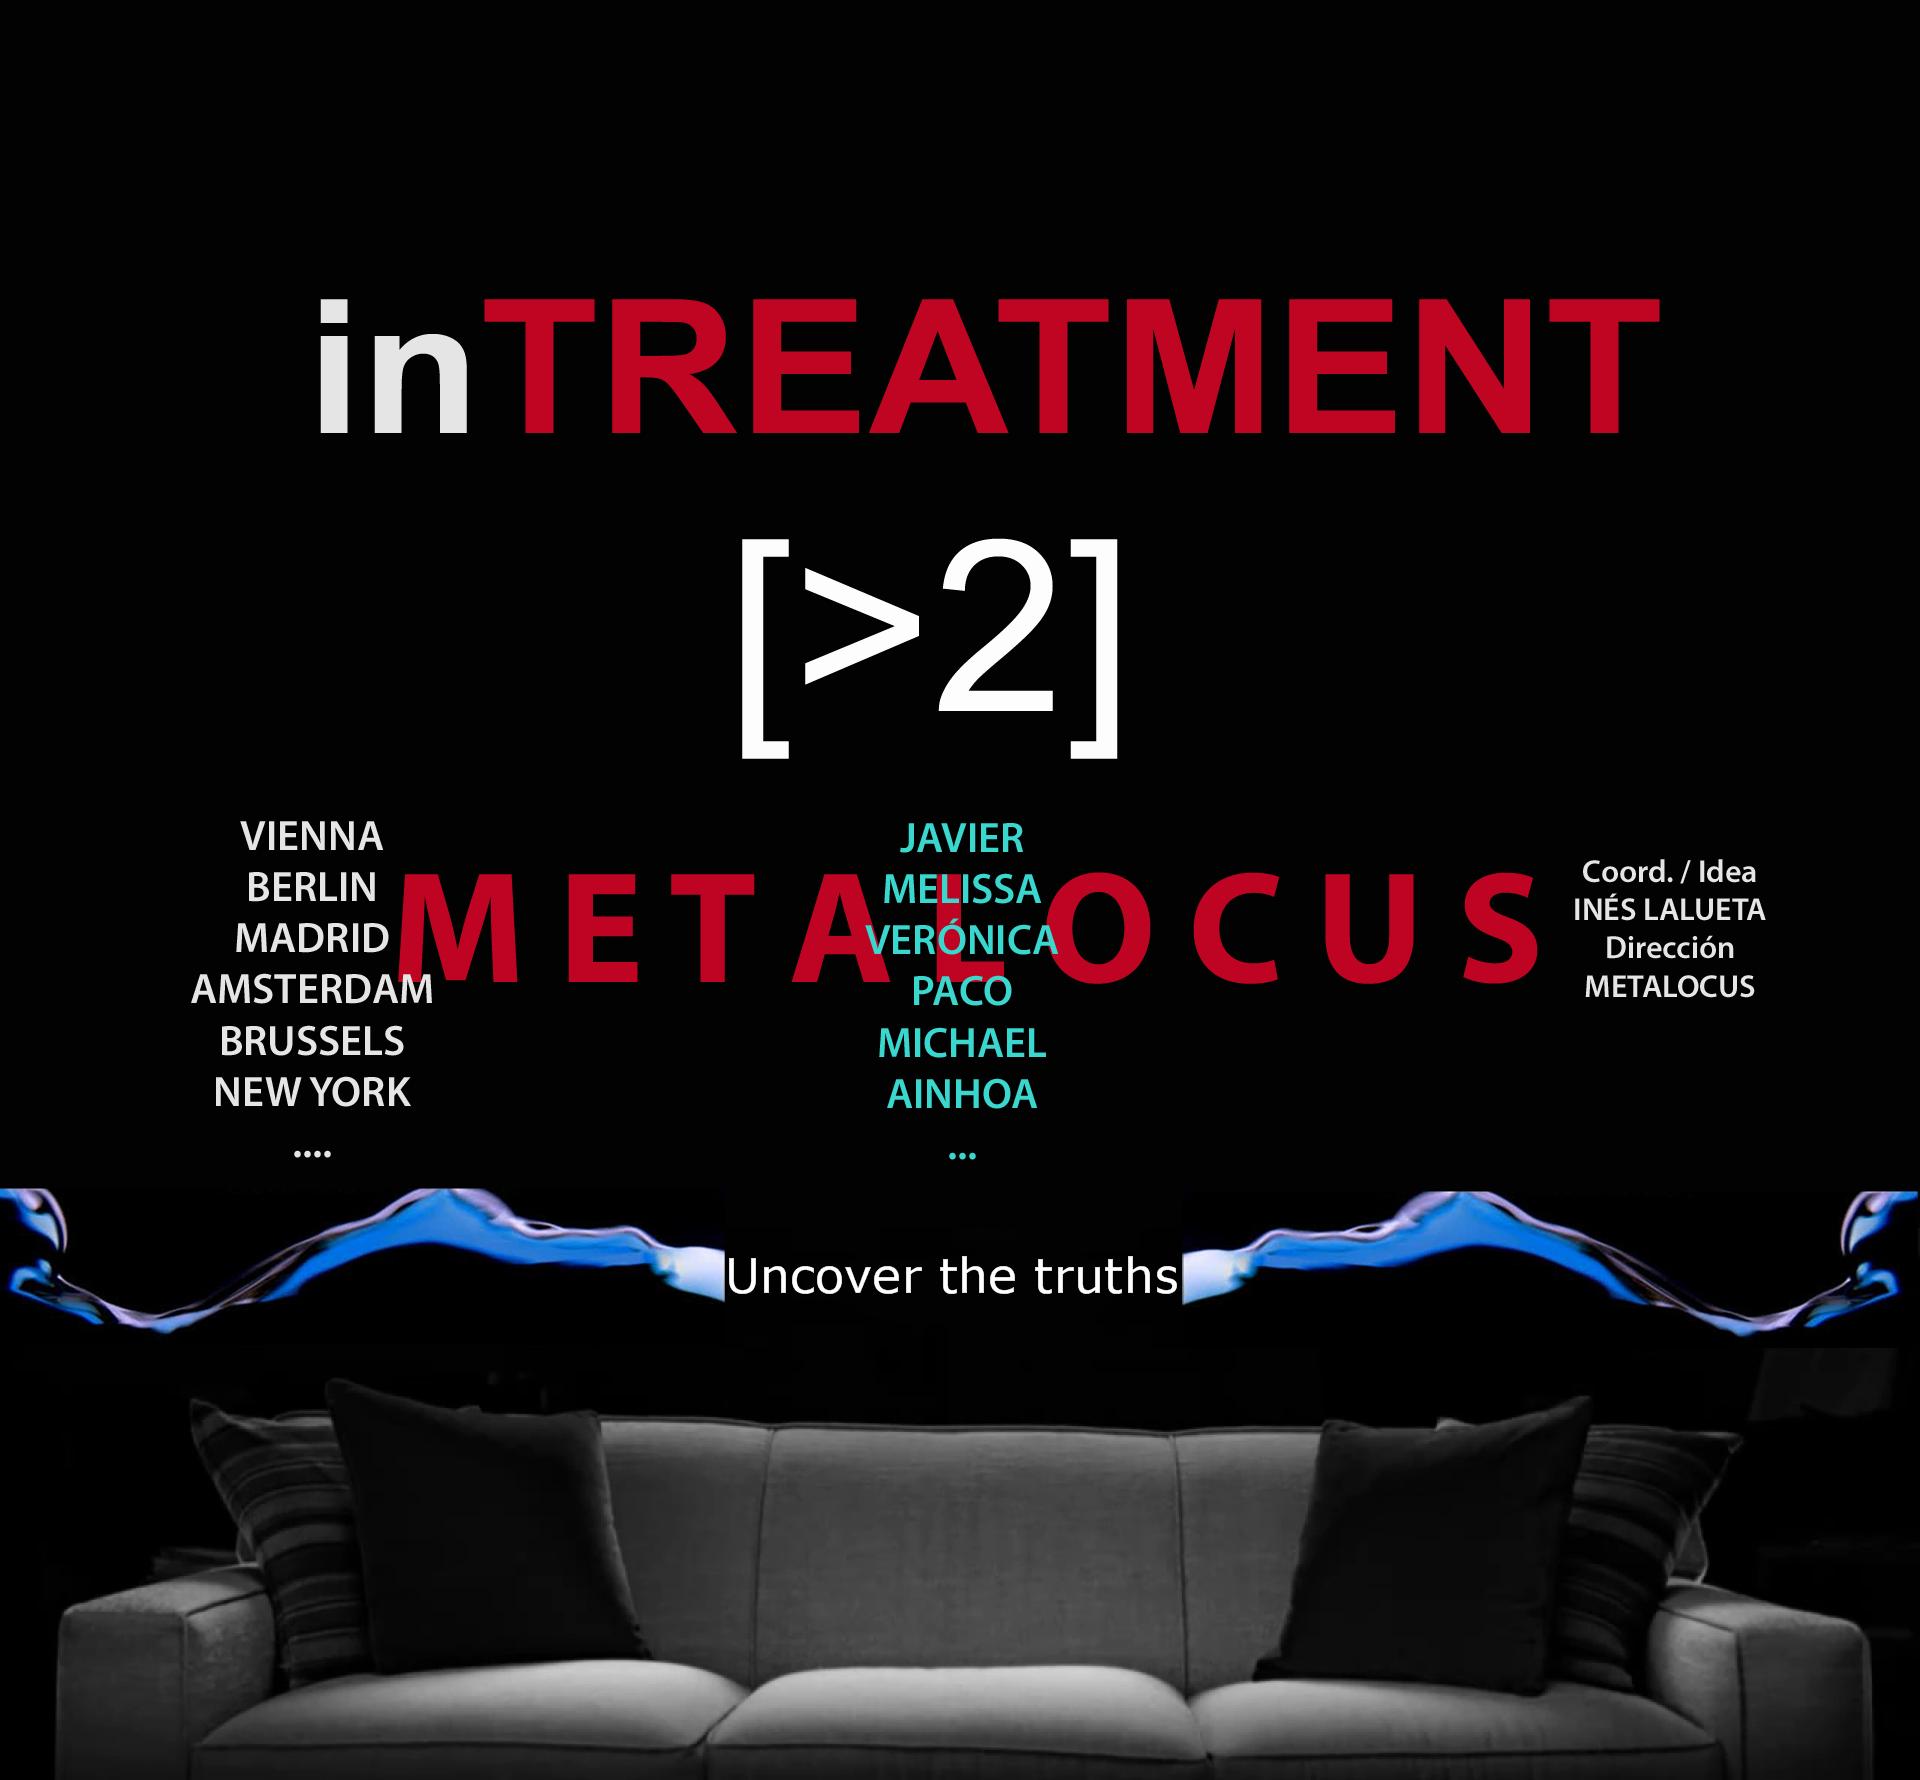 IN TREATMENT [>2] METALOCUS